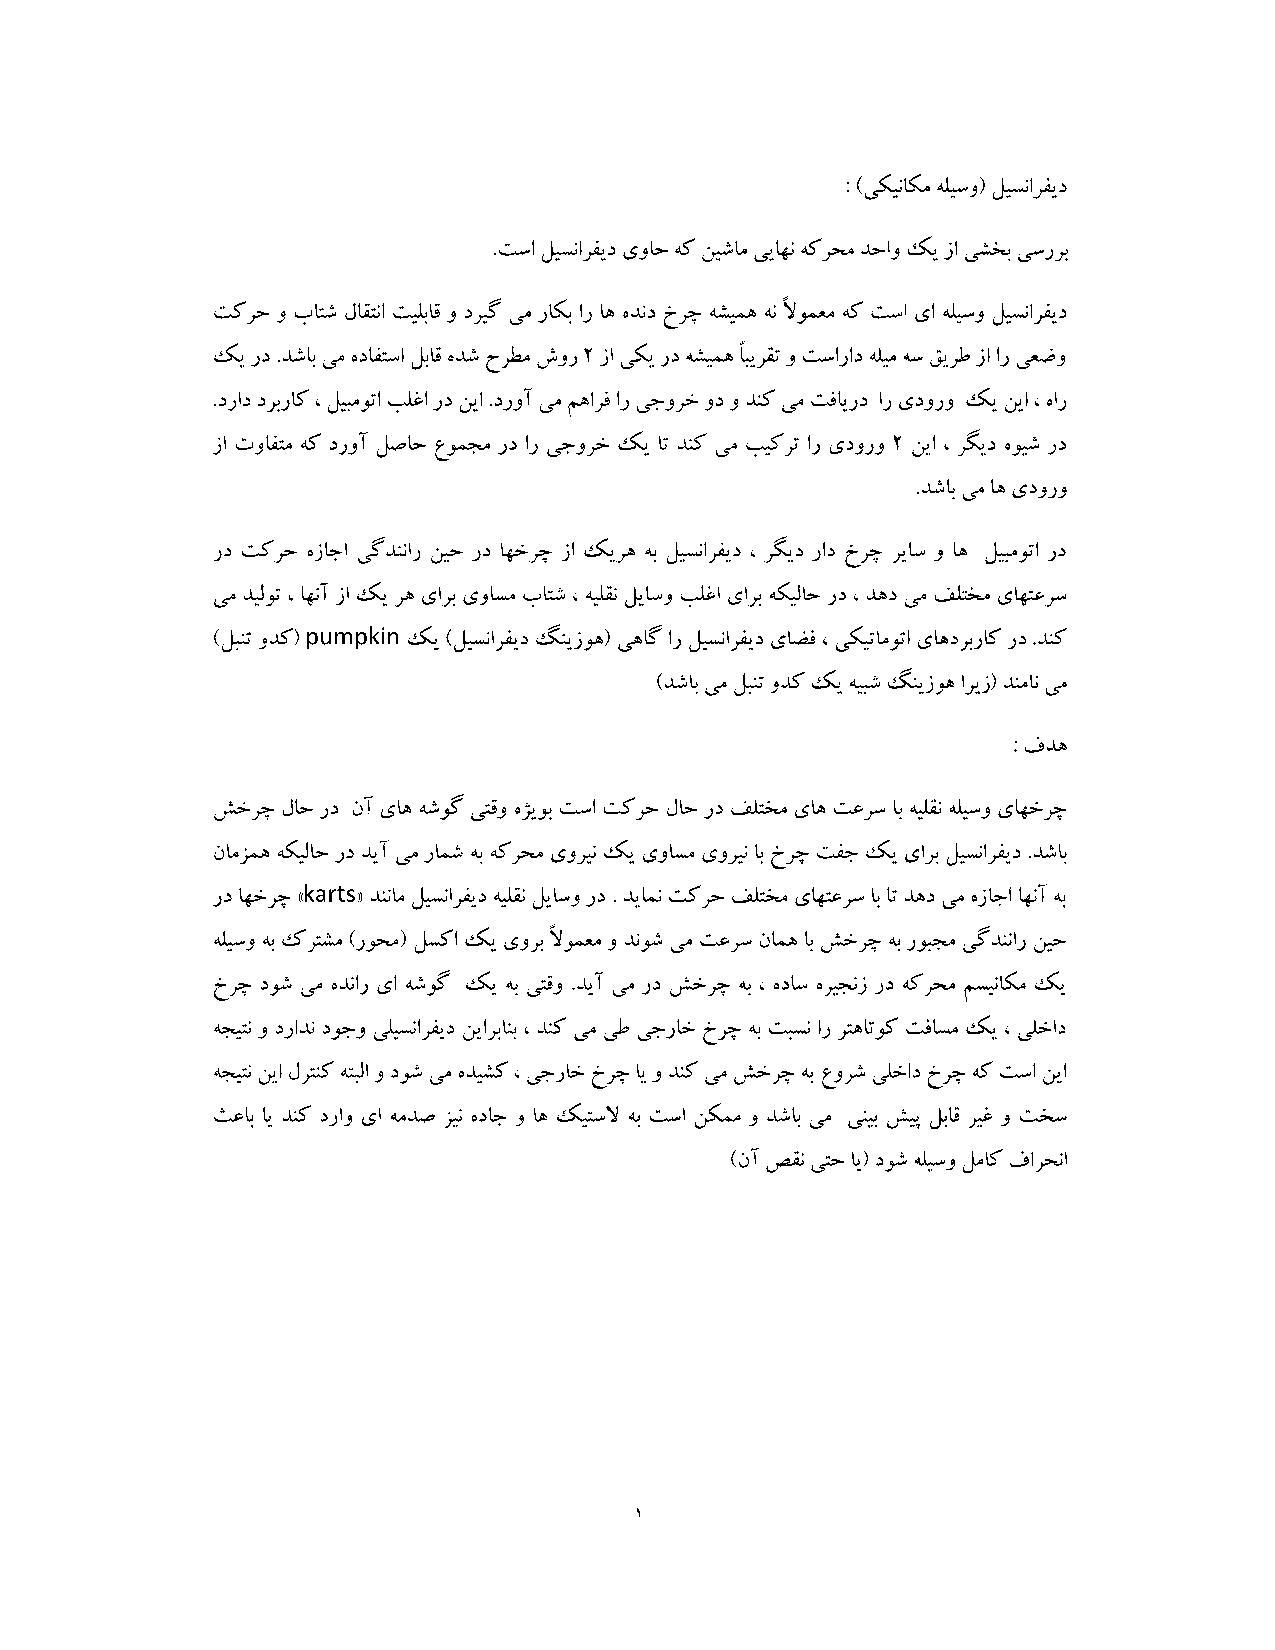 ترجمه مقاله و تحقیق - دیفرانسیل (وسیله مکانیکی)9